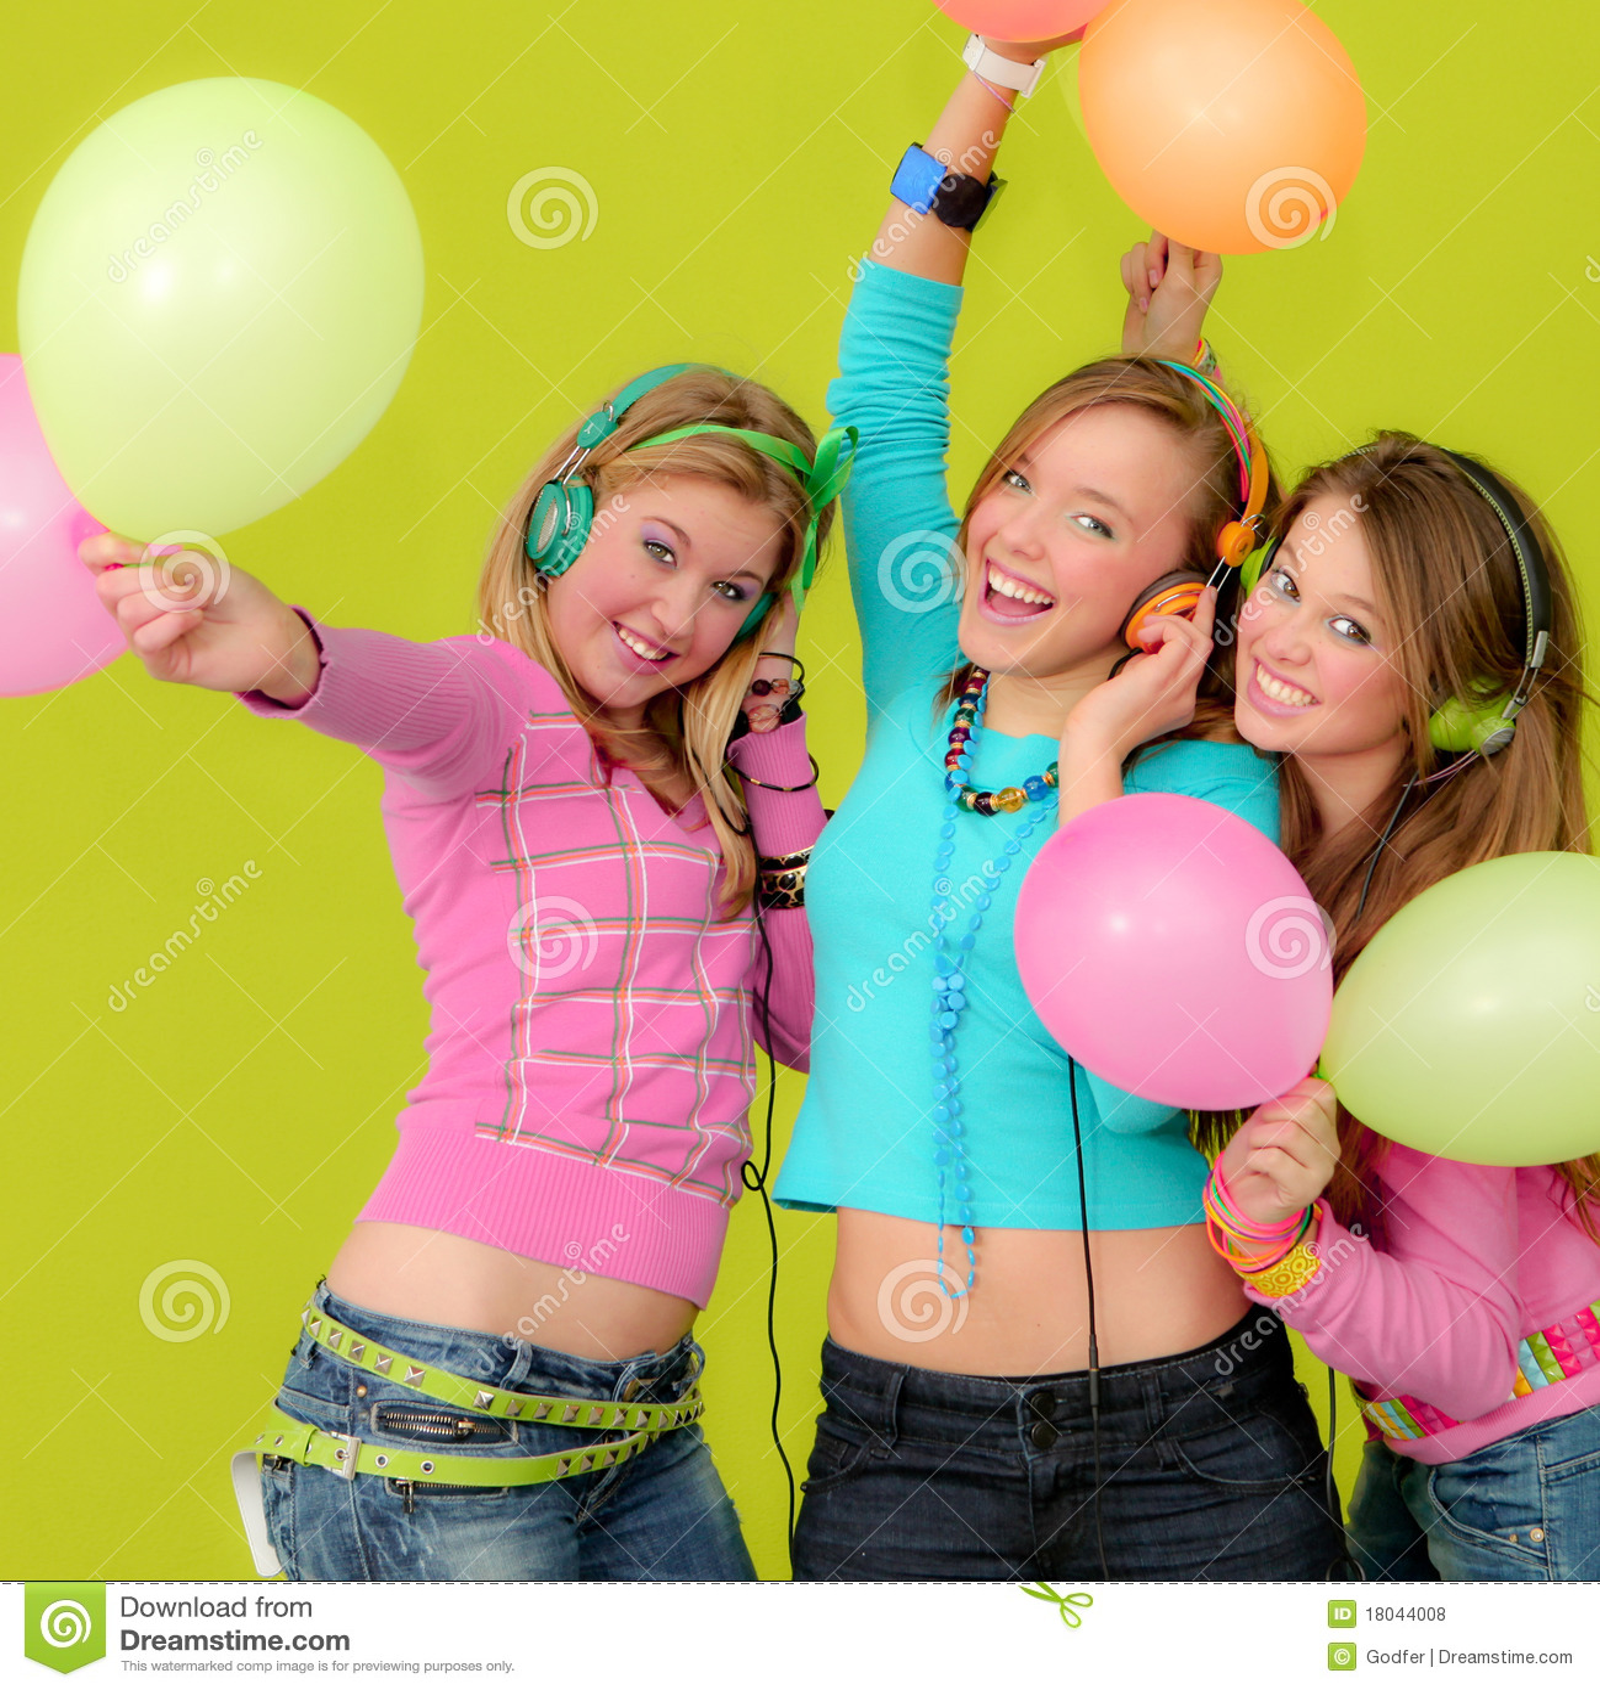 Royalty Free Teens At 18